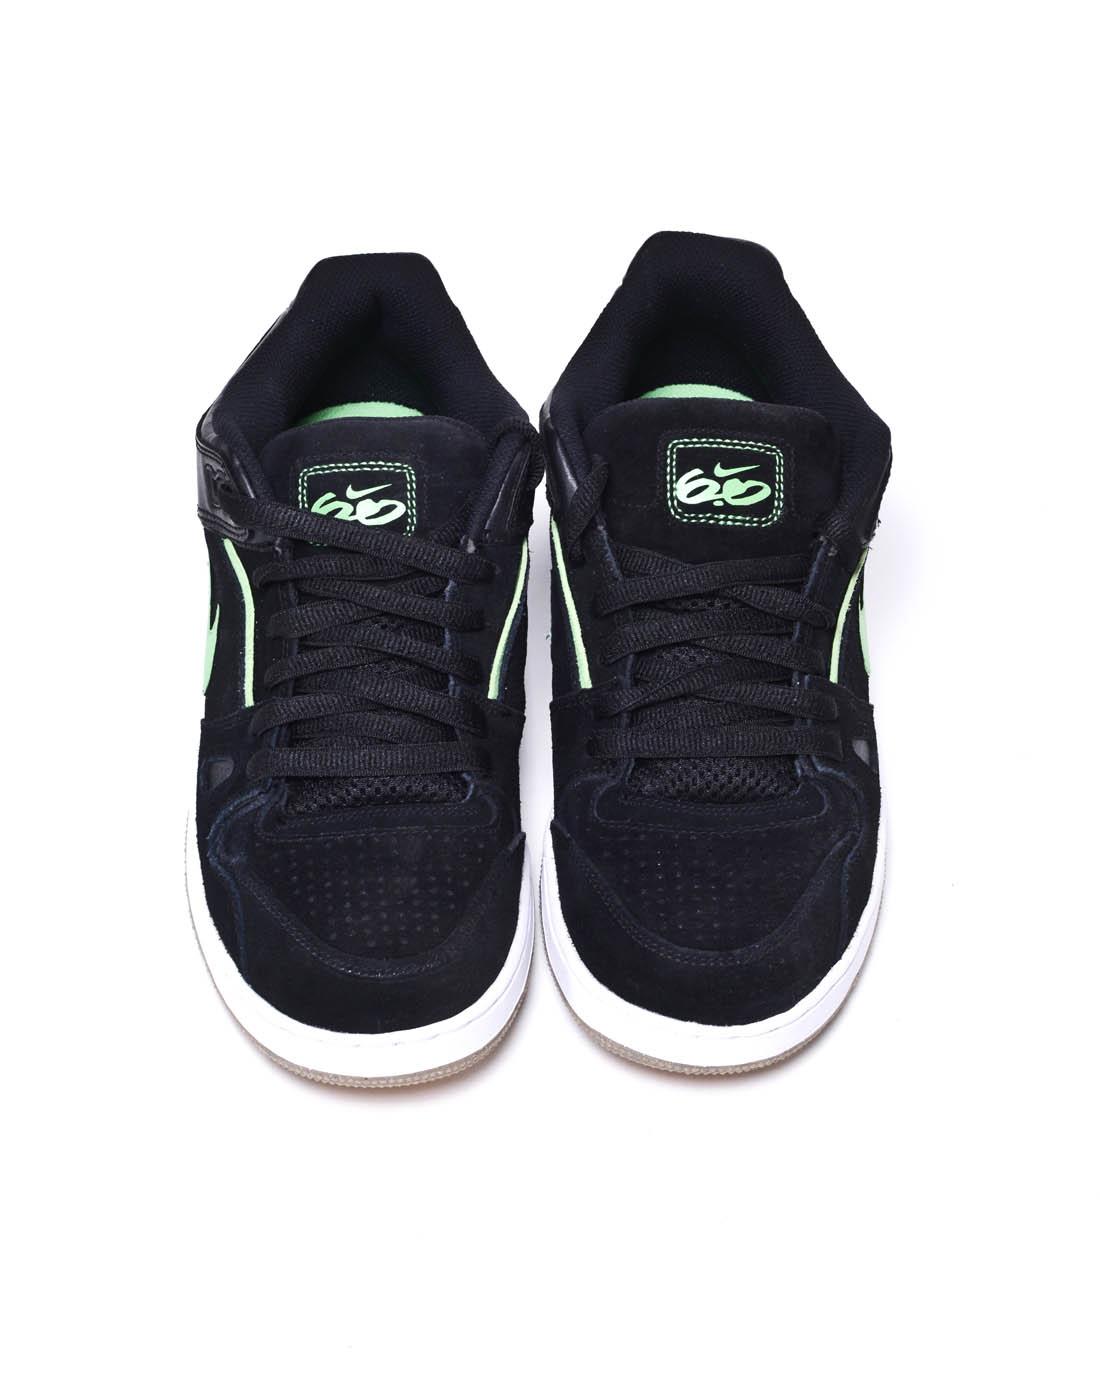 耐克nike-男子黑色复古鞋366630-022